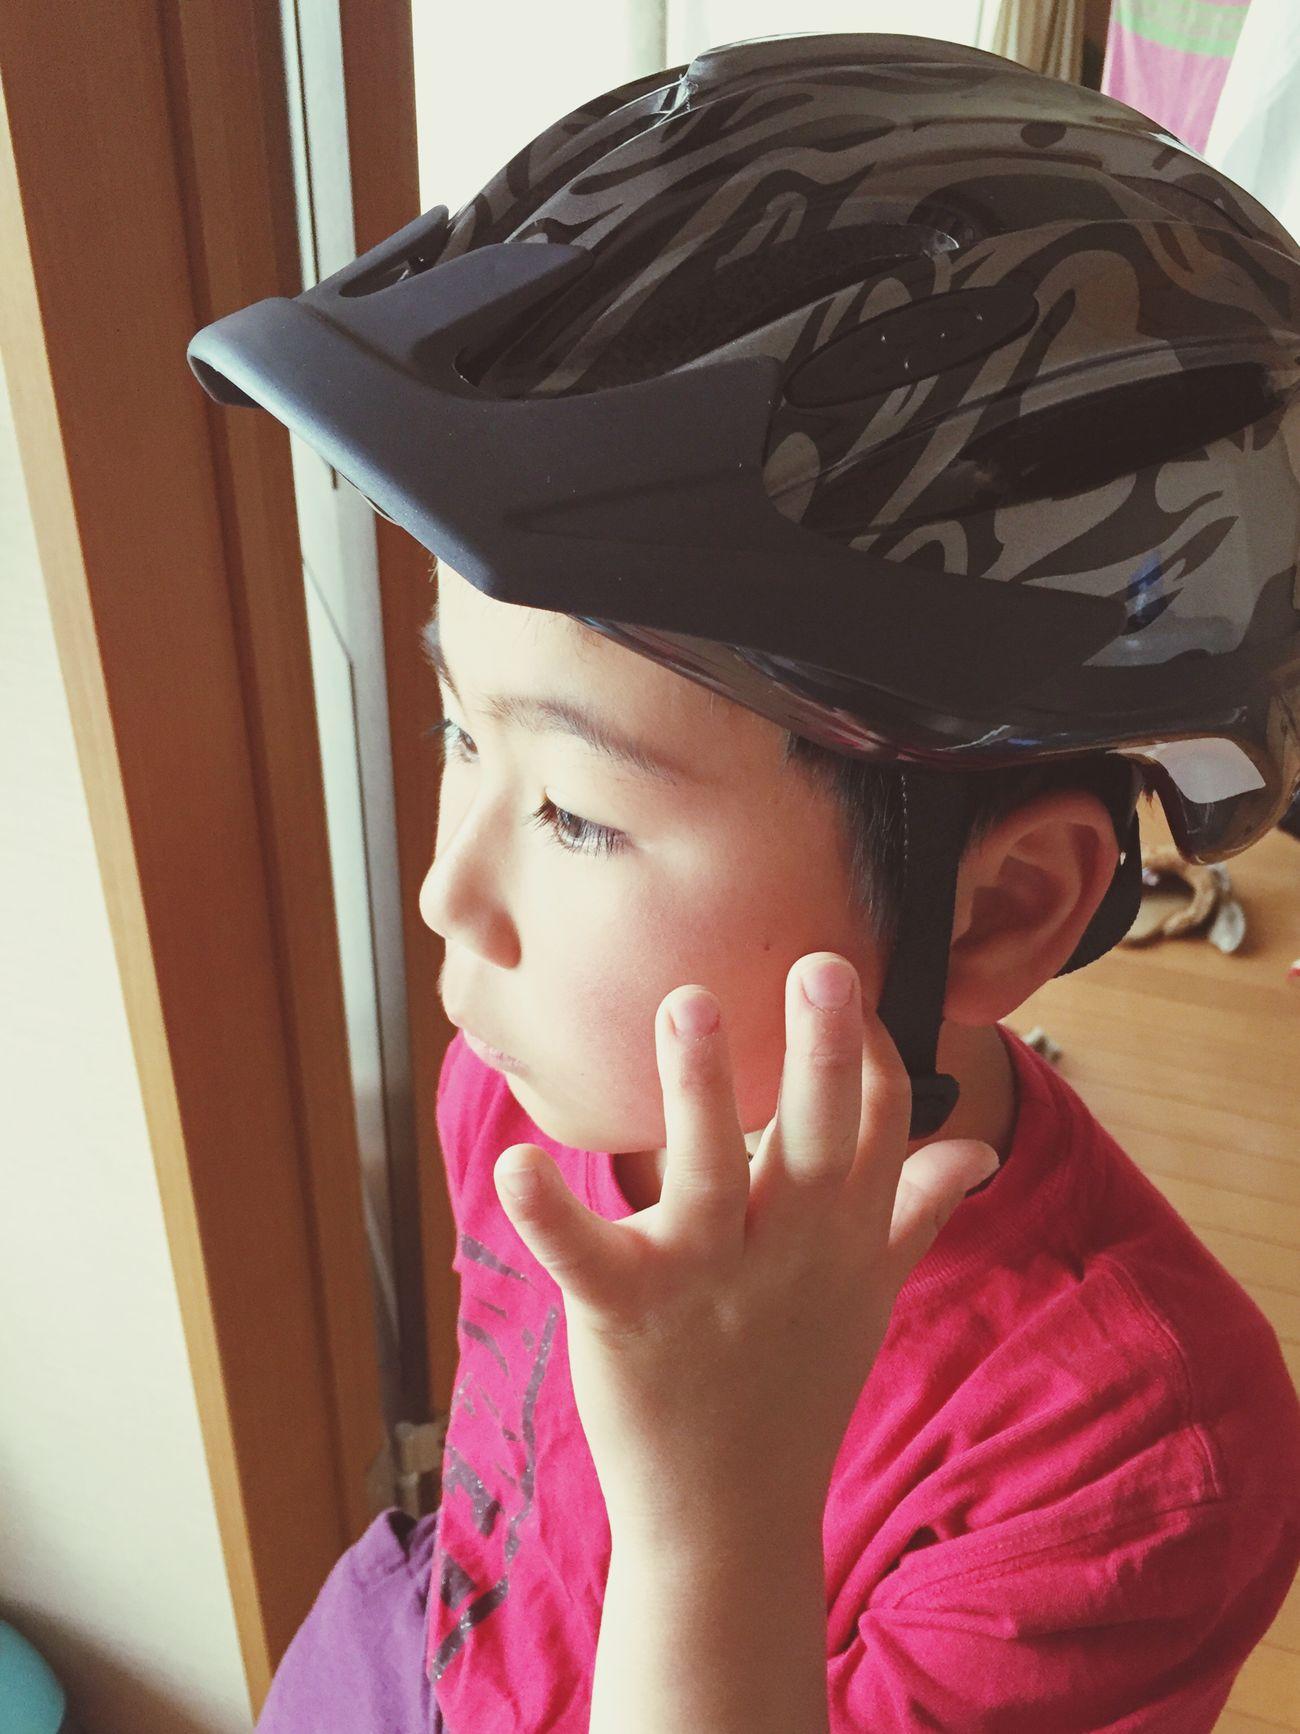 自転車教室合格で自転車デビュー 小3 息子 どうか 安全運転 でお願いします。 Childhood One Person Real People Elementary Age Headshot Cute Indoors  Close-up Boys Lifestyles Home Interior Day Child People 新しいヘルメット2017.5